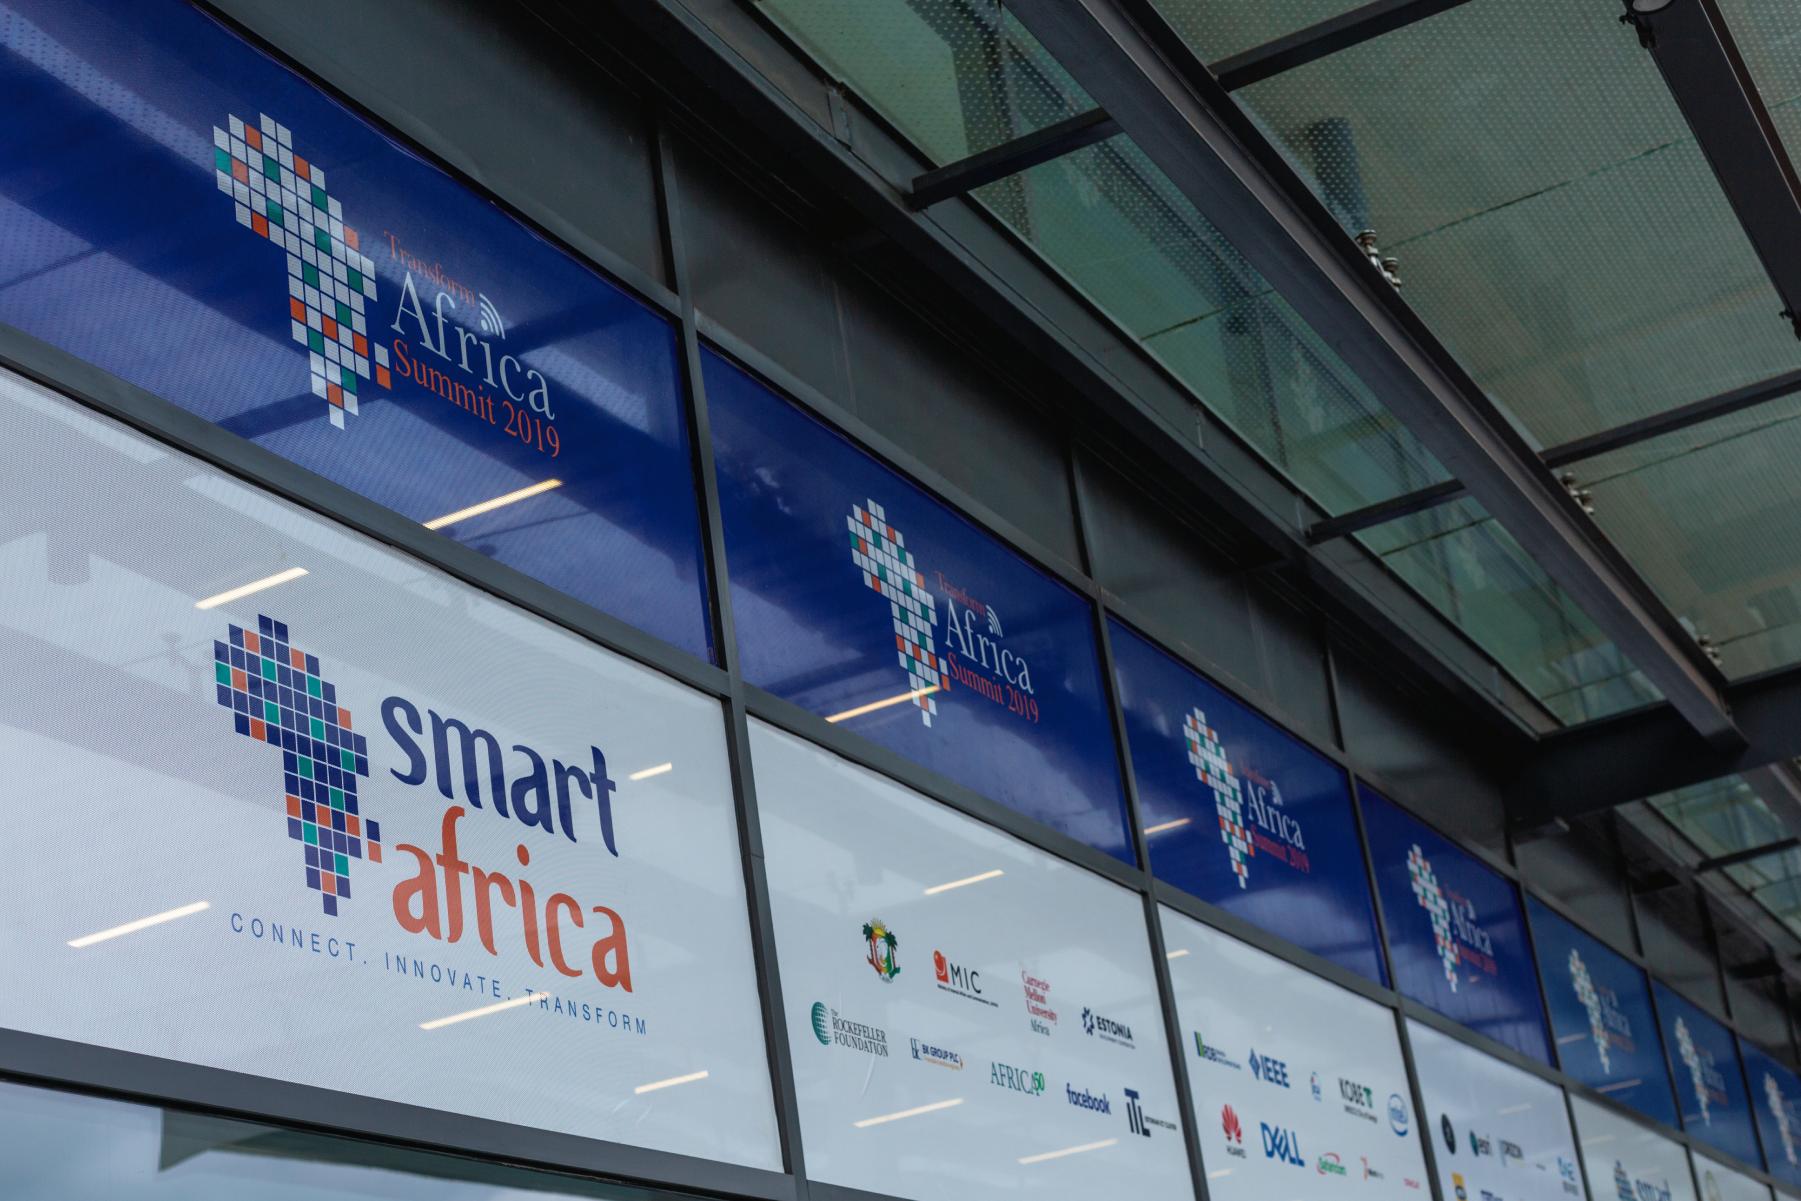 GVG Soutient La Transformation Numérique De L'Afrique